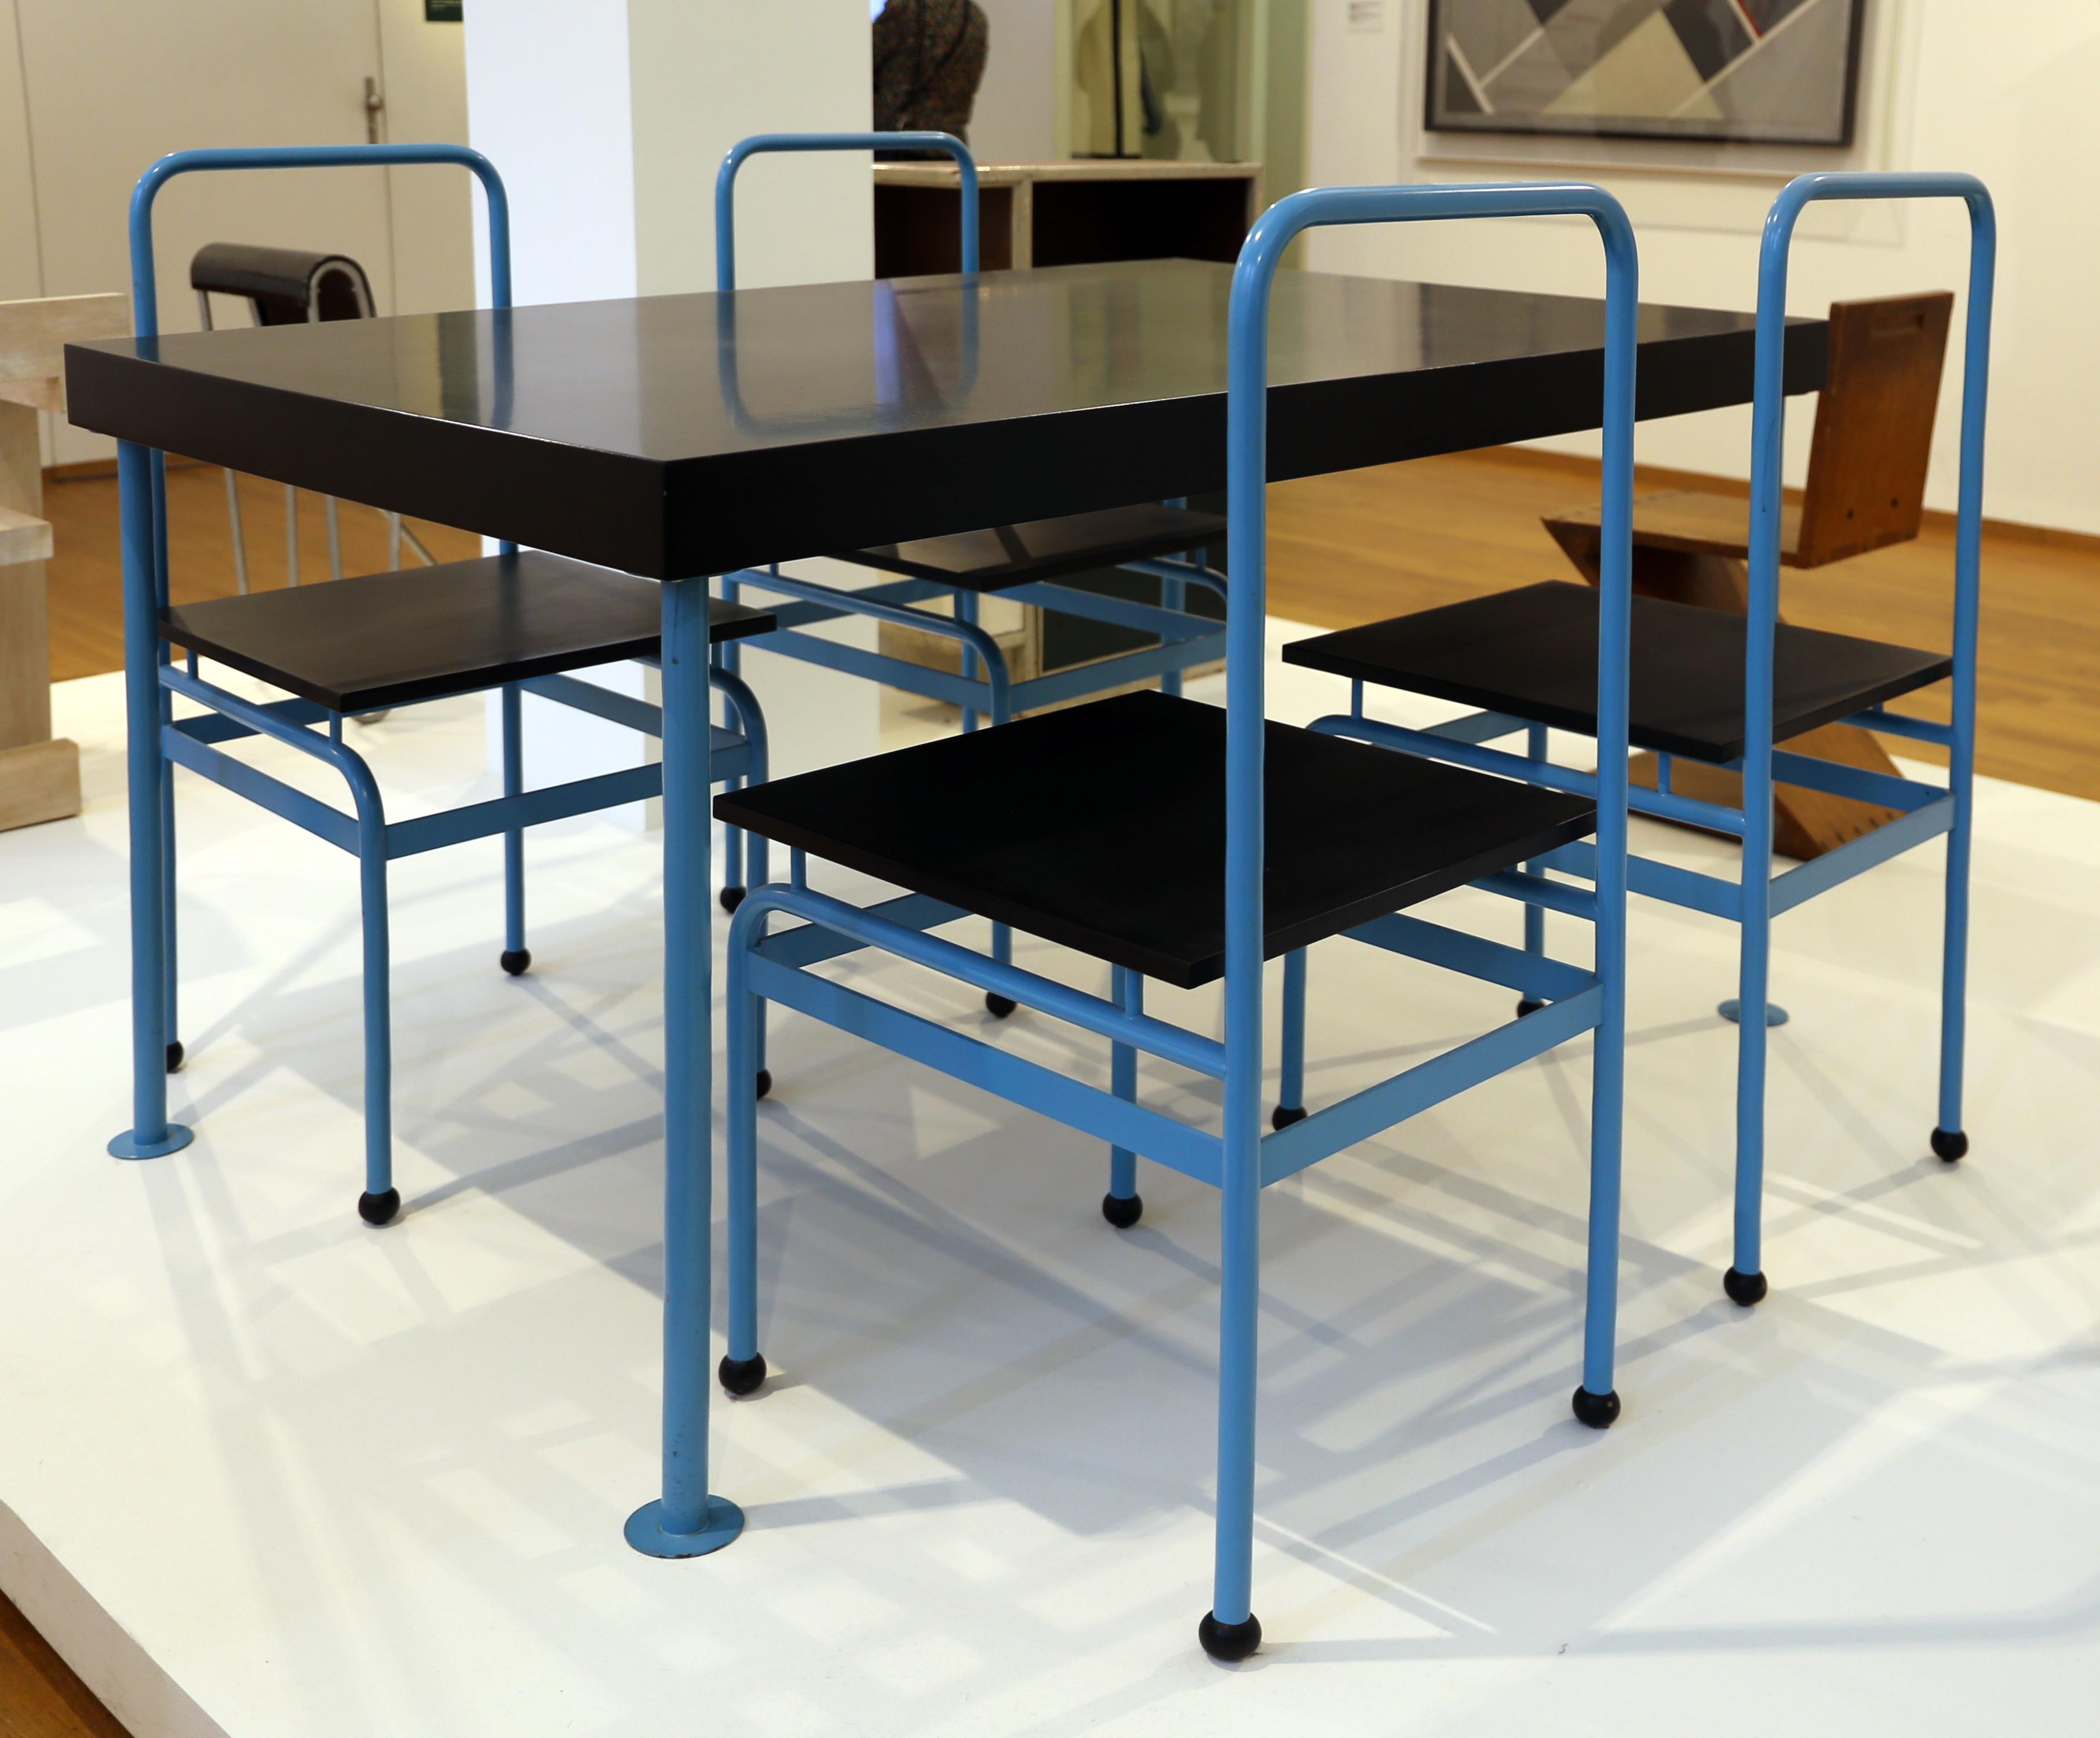 Sedie cucina sedia moderna da cucina aqua sedie ebay sedia moderna mila da cucina sedia new - Sedie cucina ebay ...